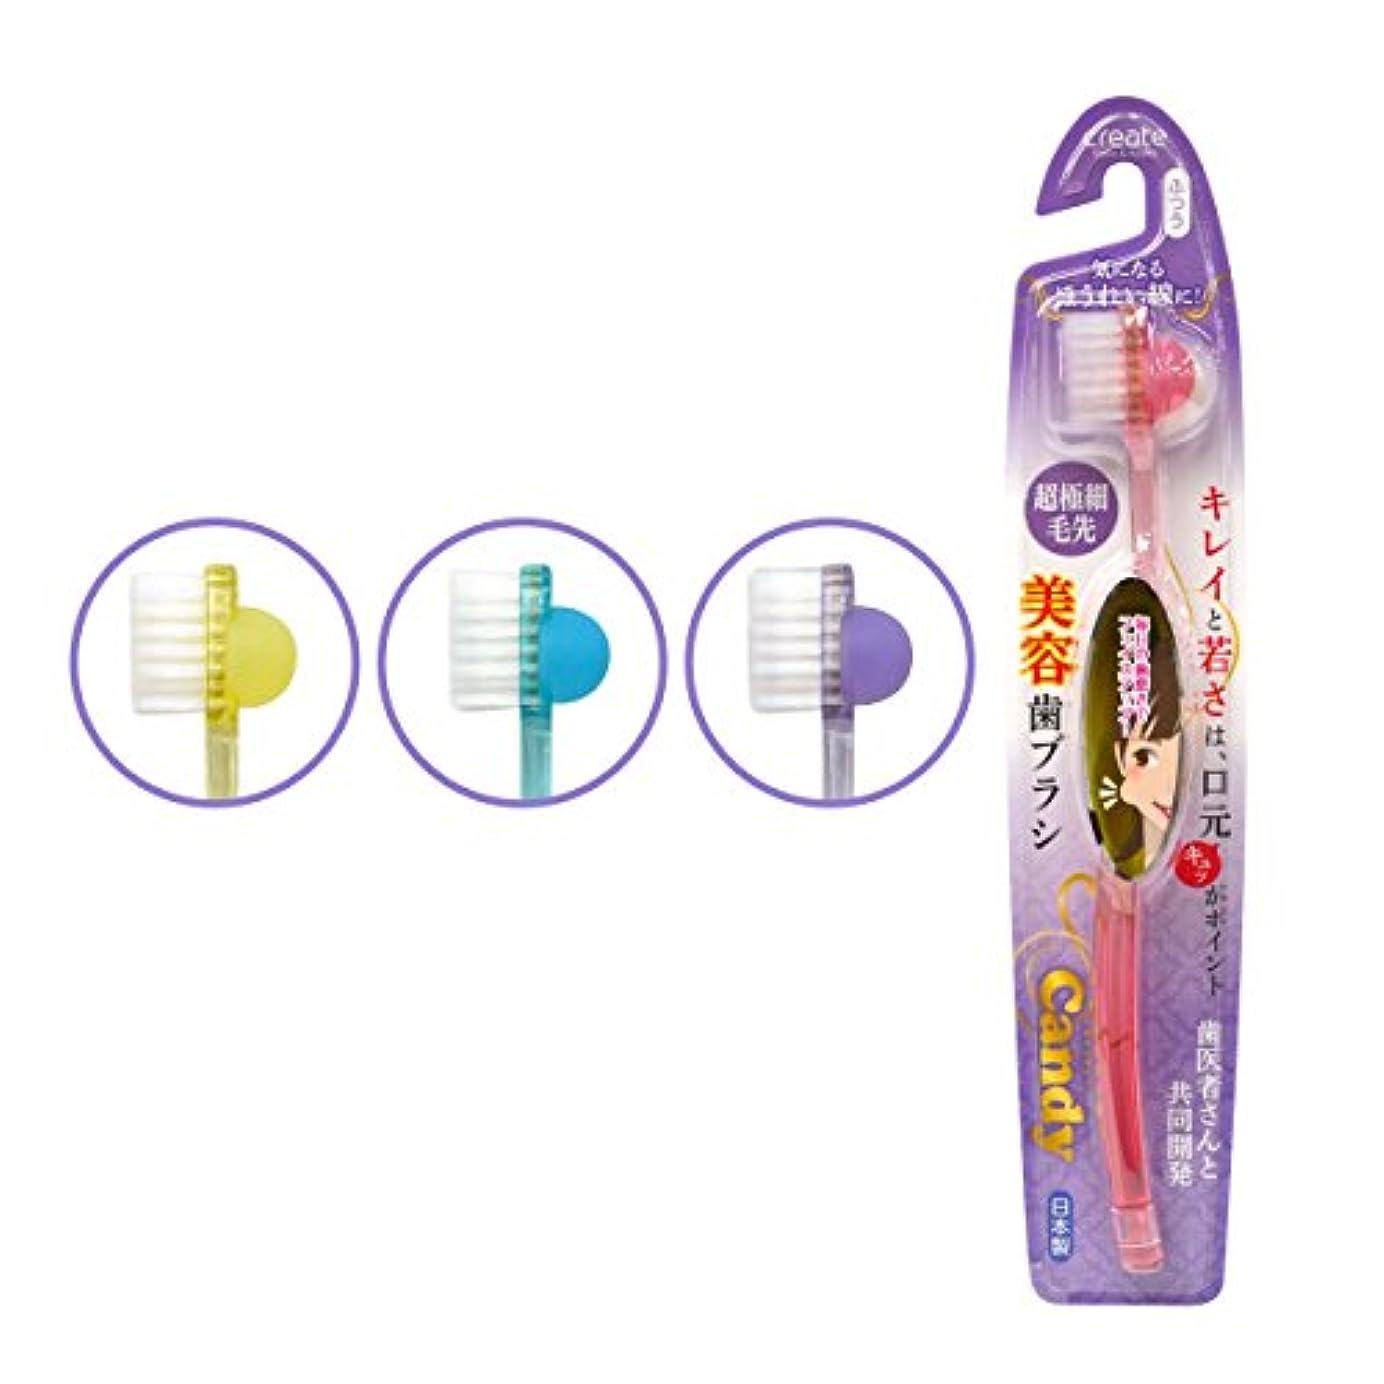 ほこり真鍮アークcandy(キャンディー)美容歯ブラシ ふつう 3本セット ※カラーランダム